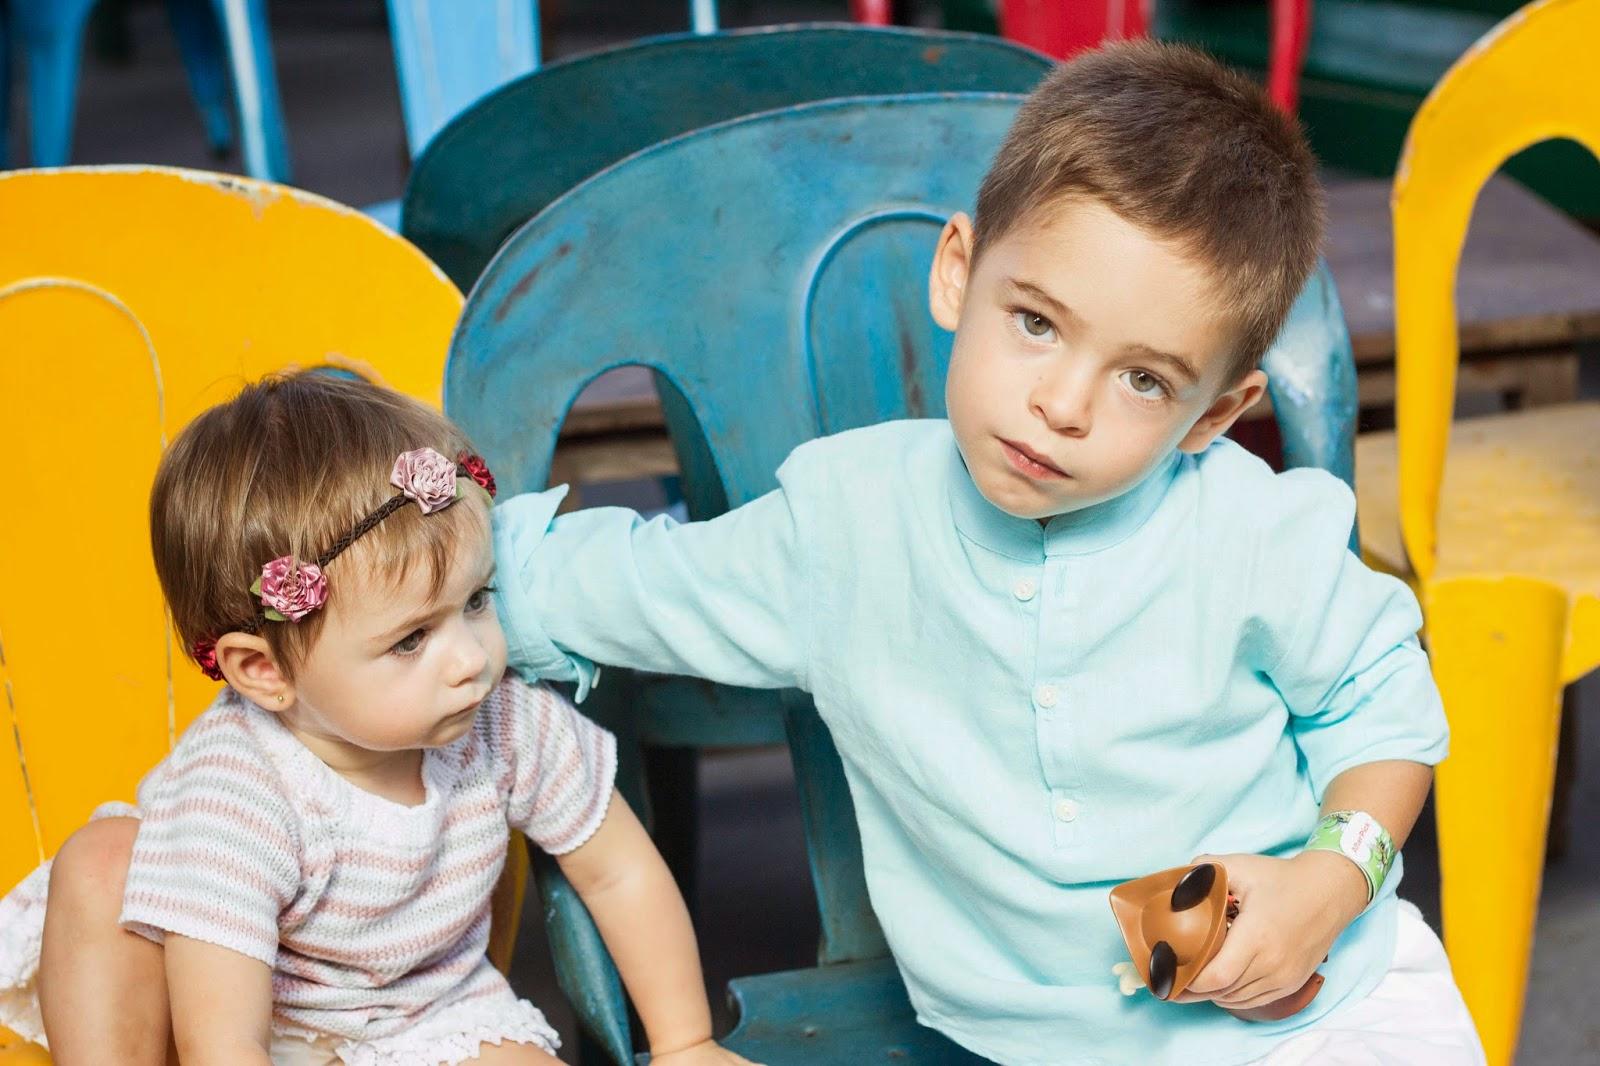 Anibal y Akira sentados esperando el tren